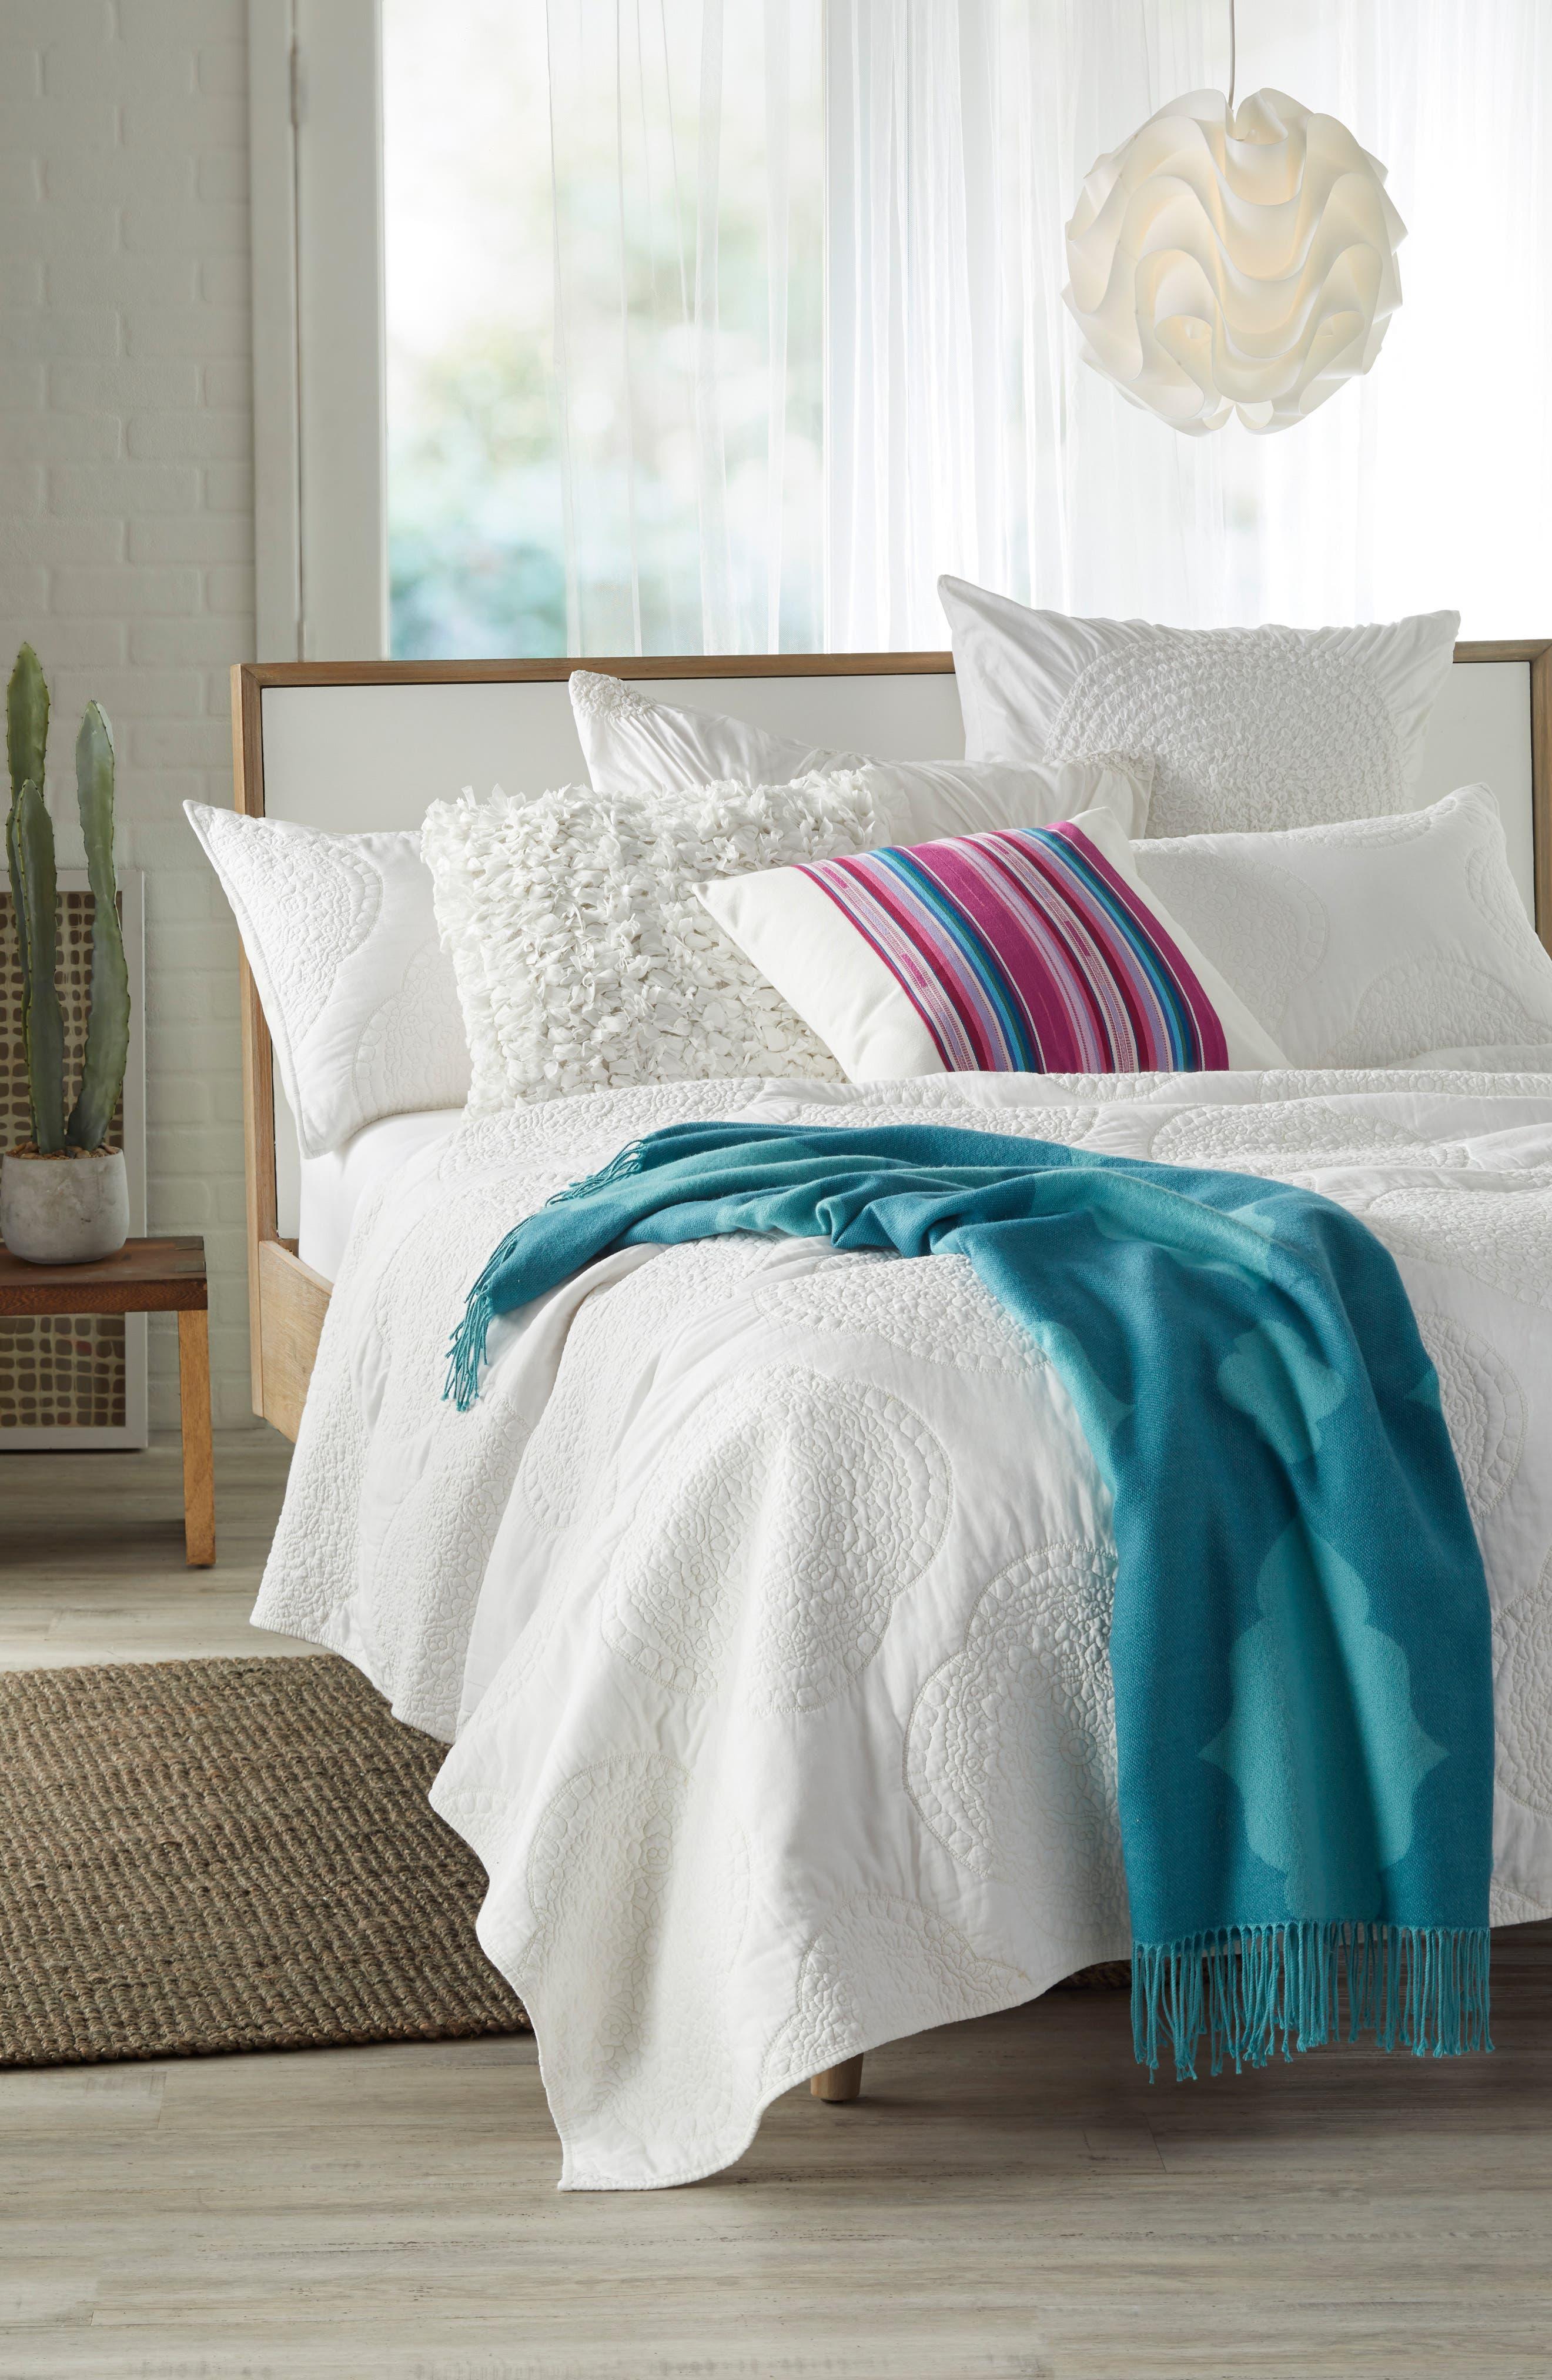 Serape Stripe Pillow,                             Alternate thumbnail 4, color,                             Multi